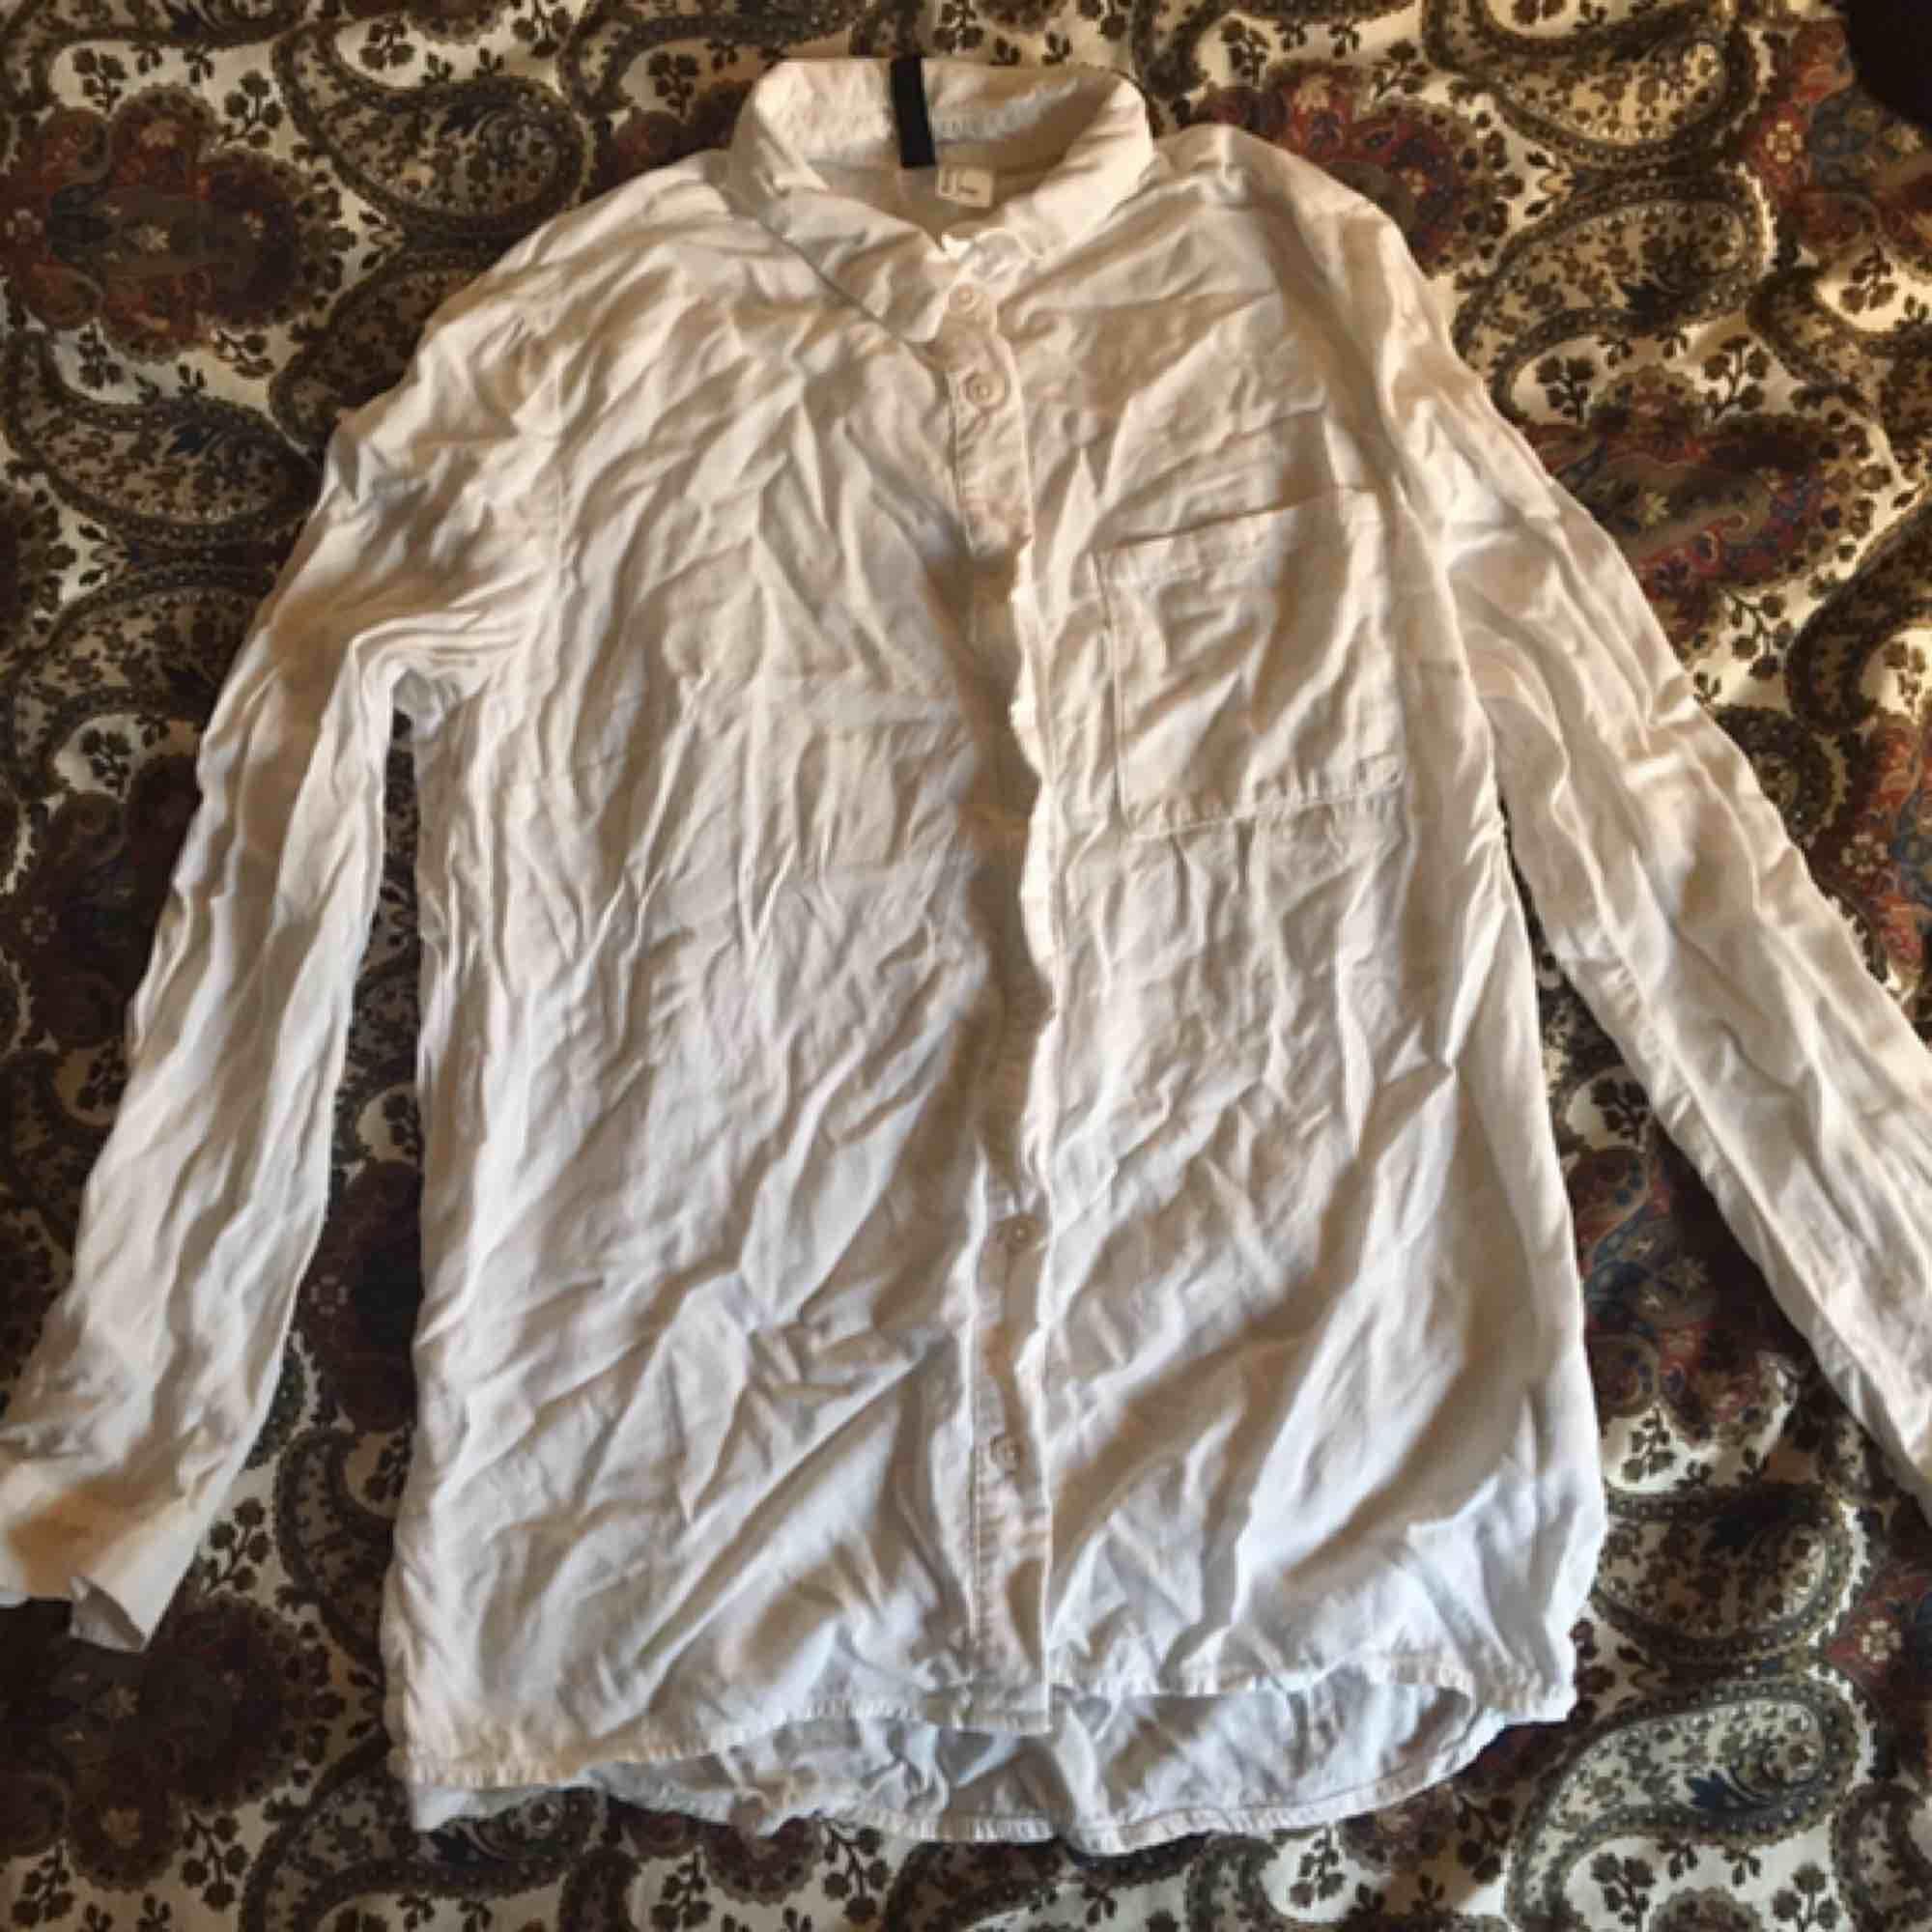 Något ostruken men annars fin och bra vit skjorta! Sparsamt använd och i väldigt fint skick. Passar perfekt under något eller som den är. Vid frakt står köparen för kostnaden 💌. Skjortor.